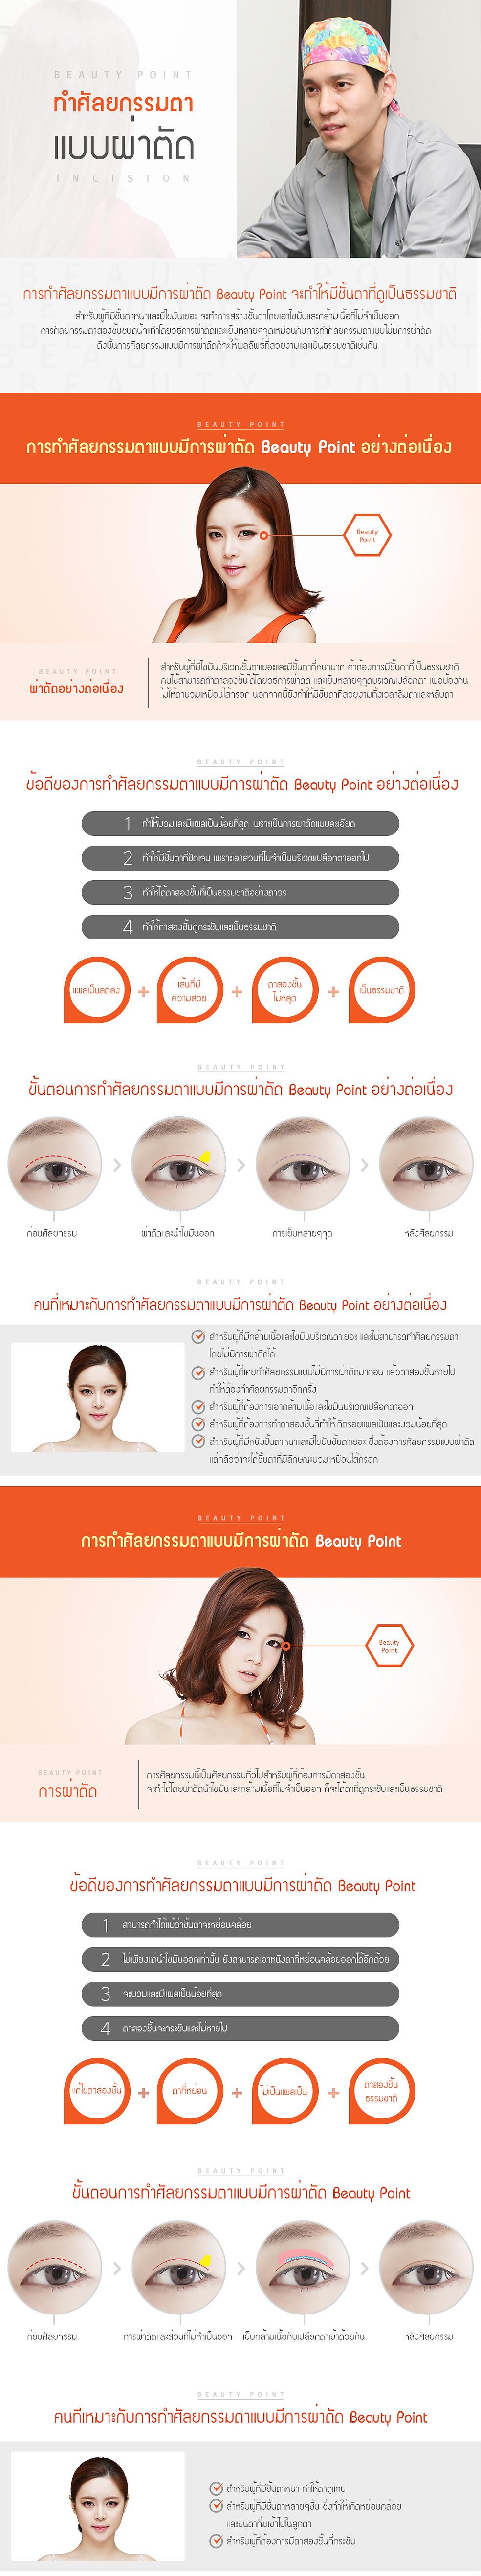 ศัลยกรรมตาแบบผ่าตัด.jpg